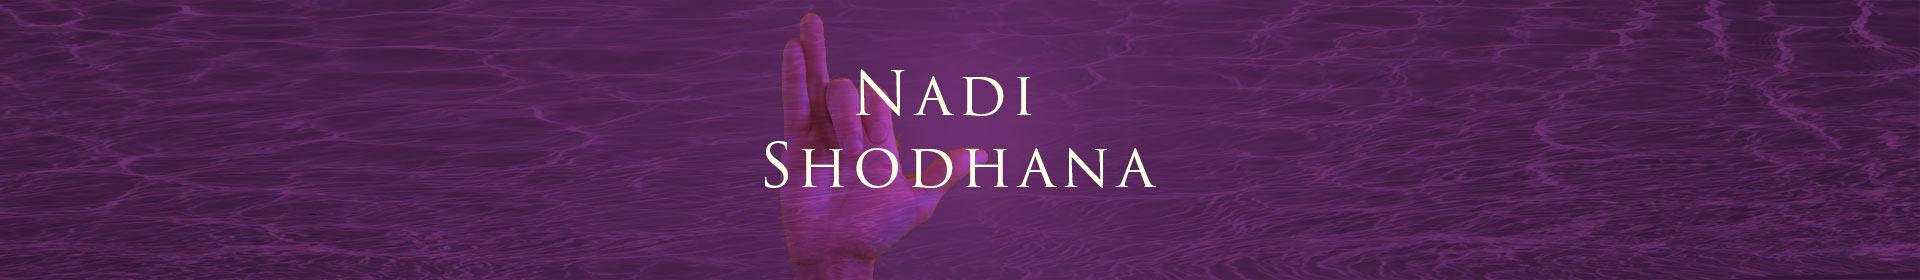 Nadi Shodhana: Pranayama